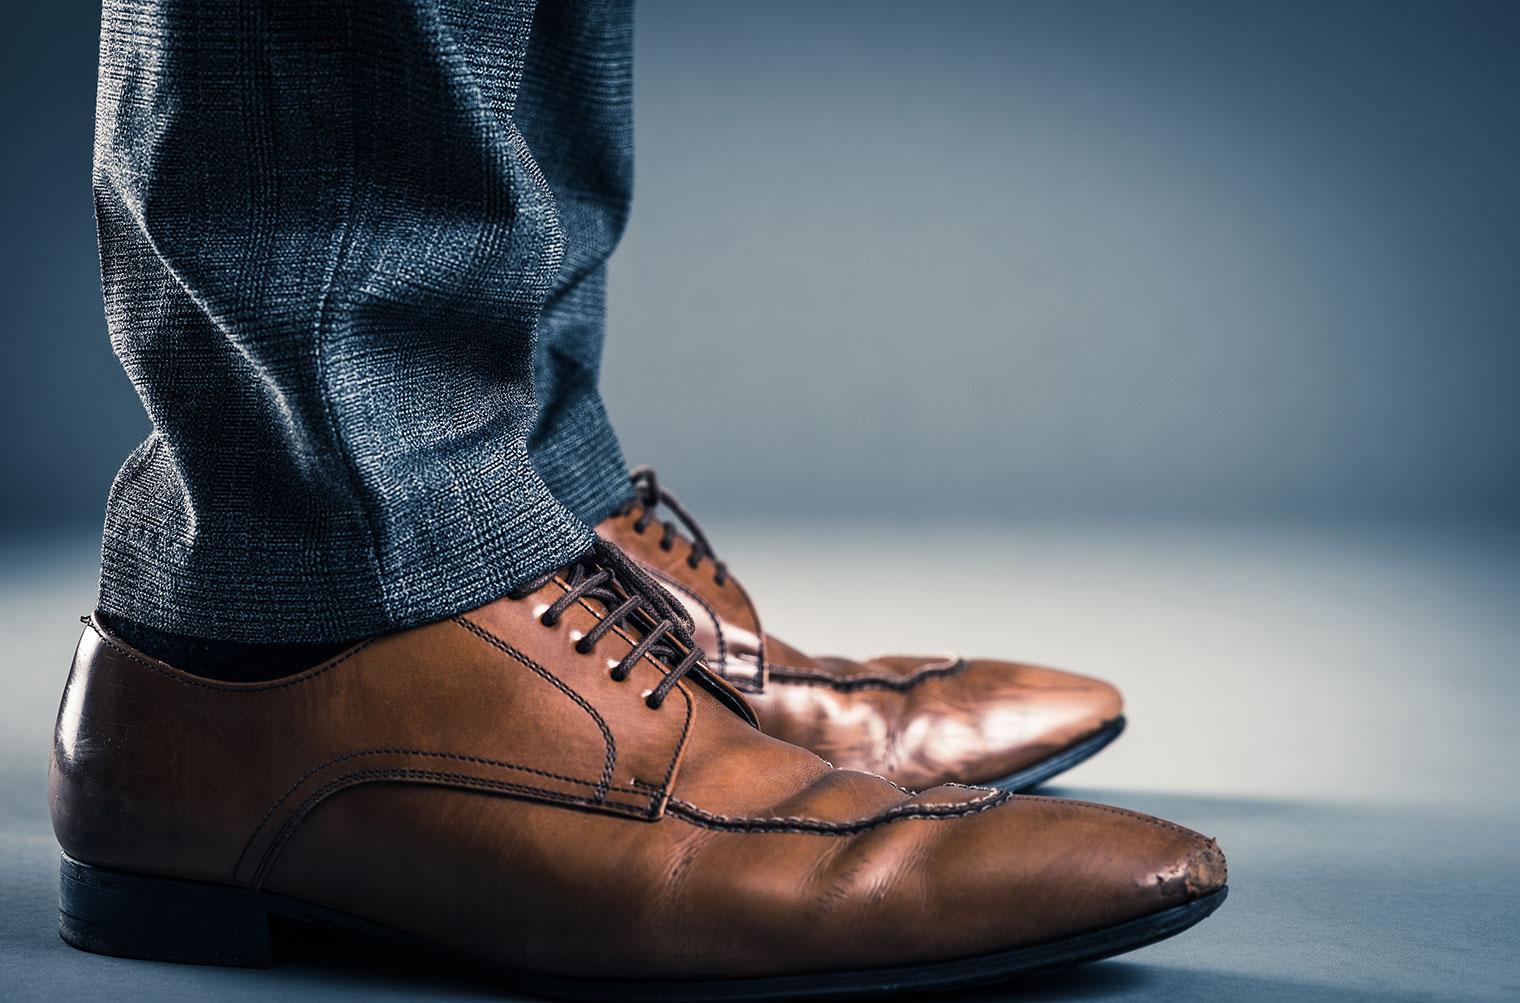 革靴のお手入れと最適な保管方法って?日常のお手入れと保存方法とは